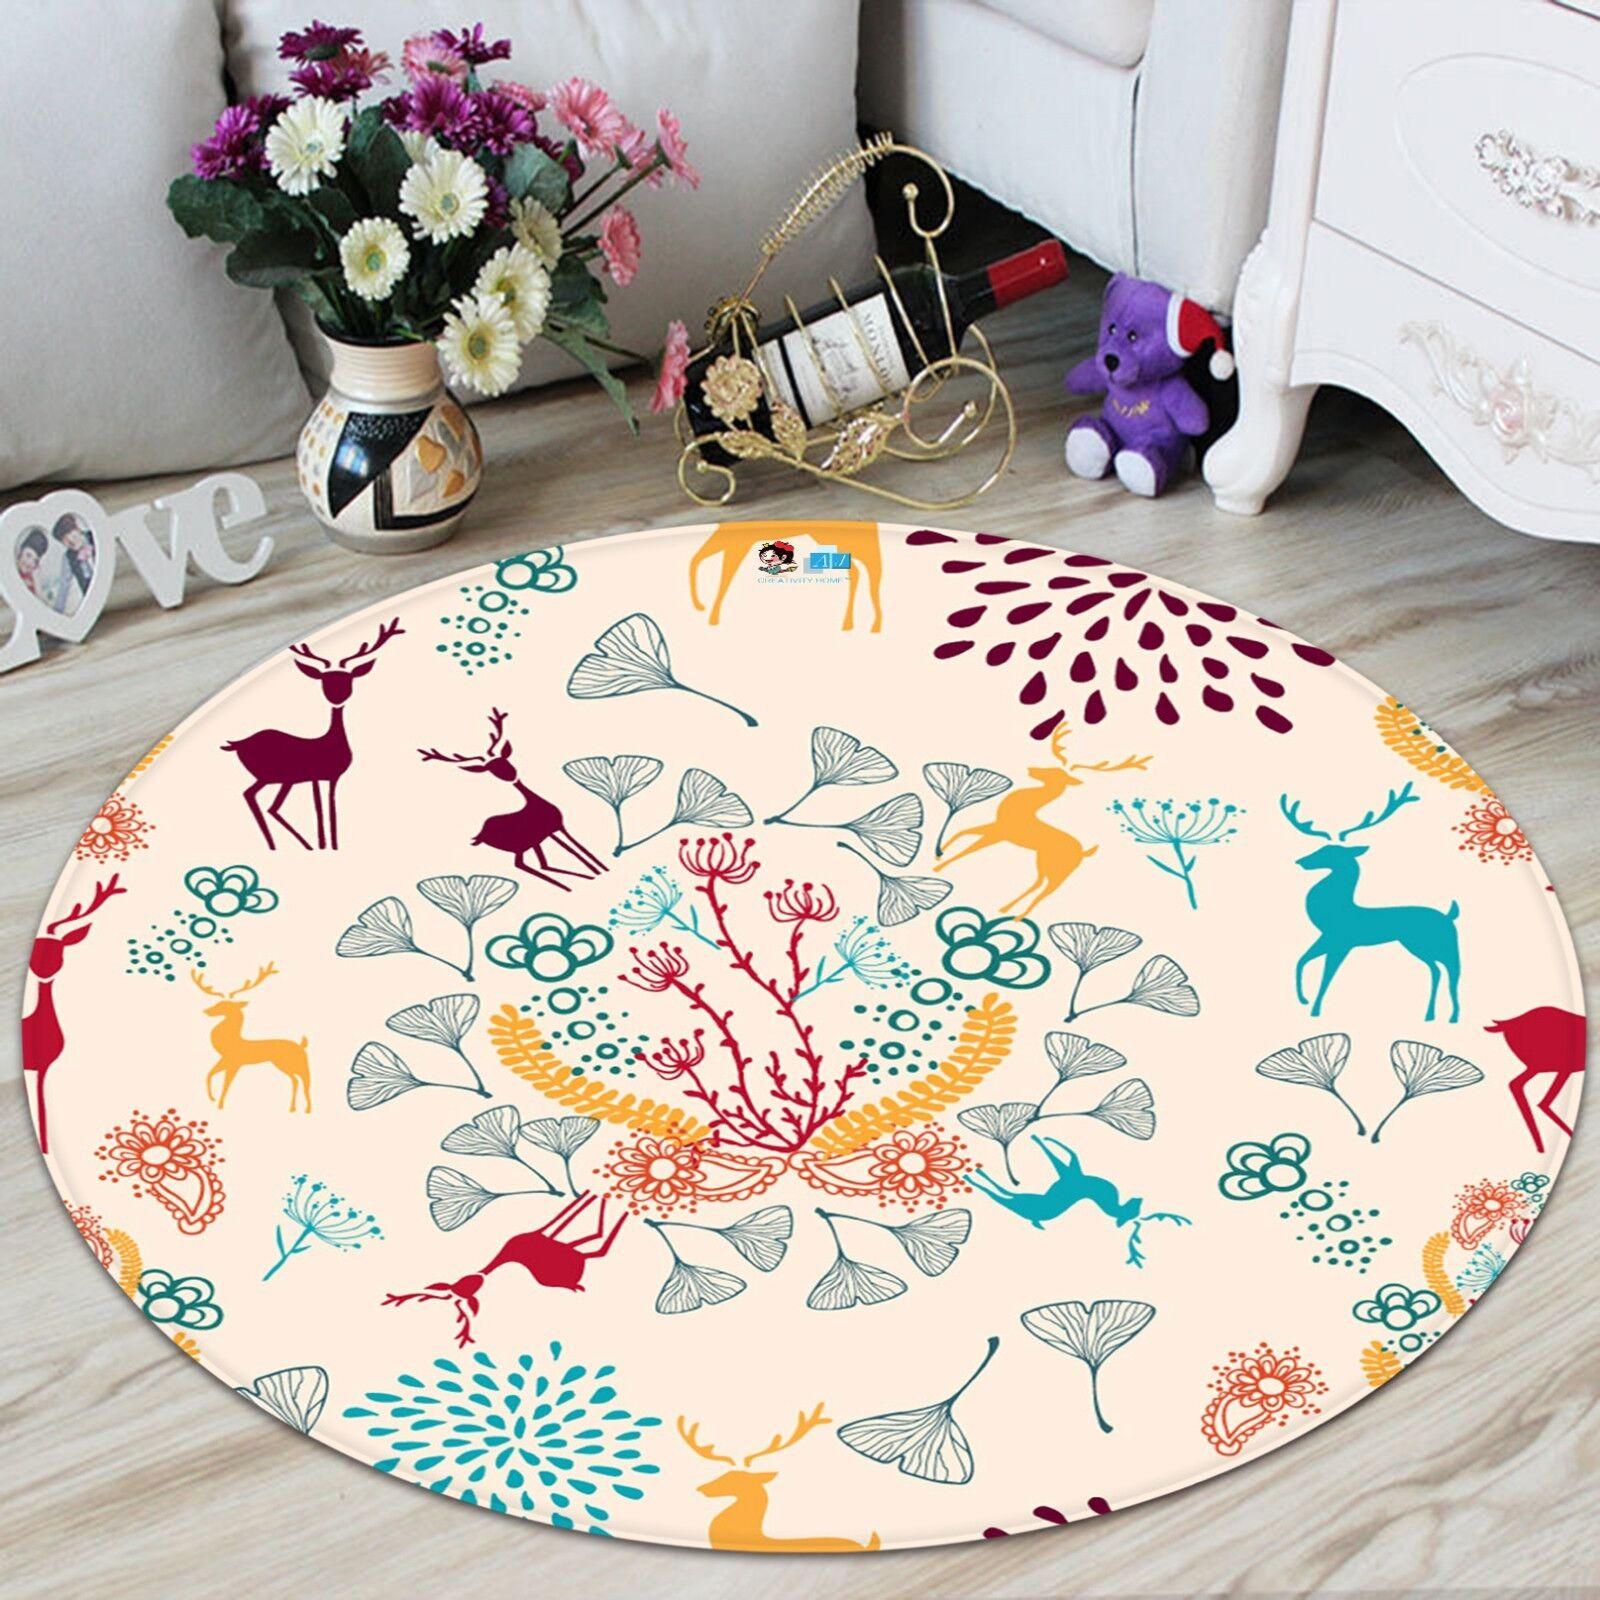 3d navidad Xmas 312 antideslizante alfombra para maletero espacio rondas elegante alfombra de